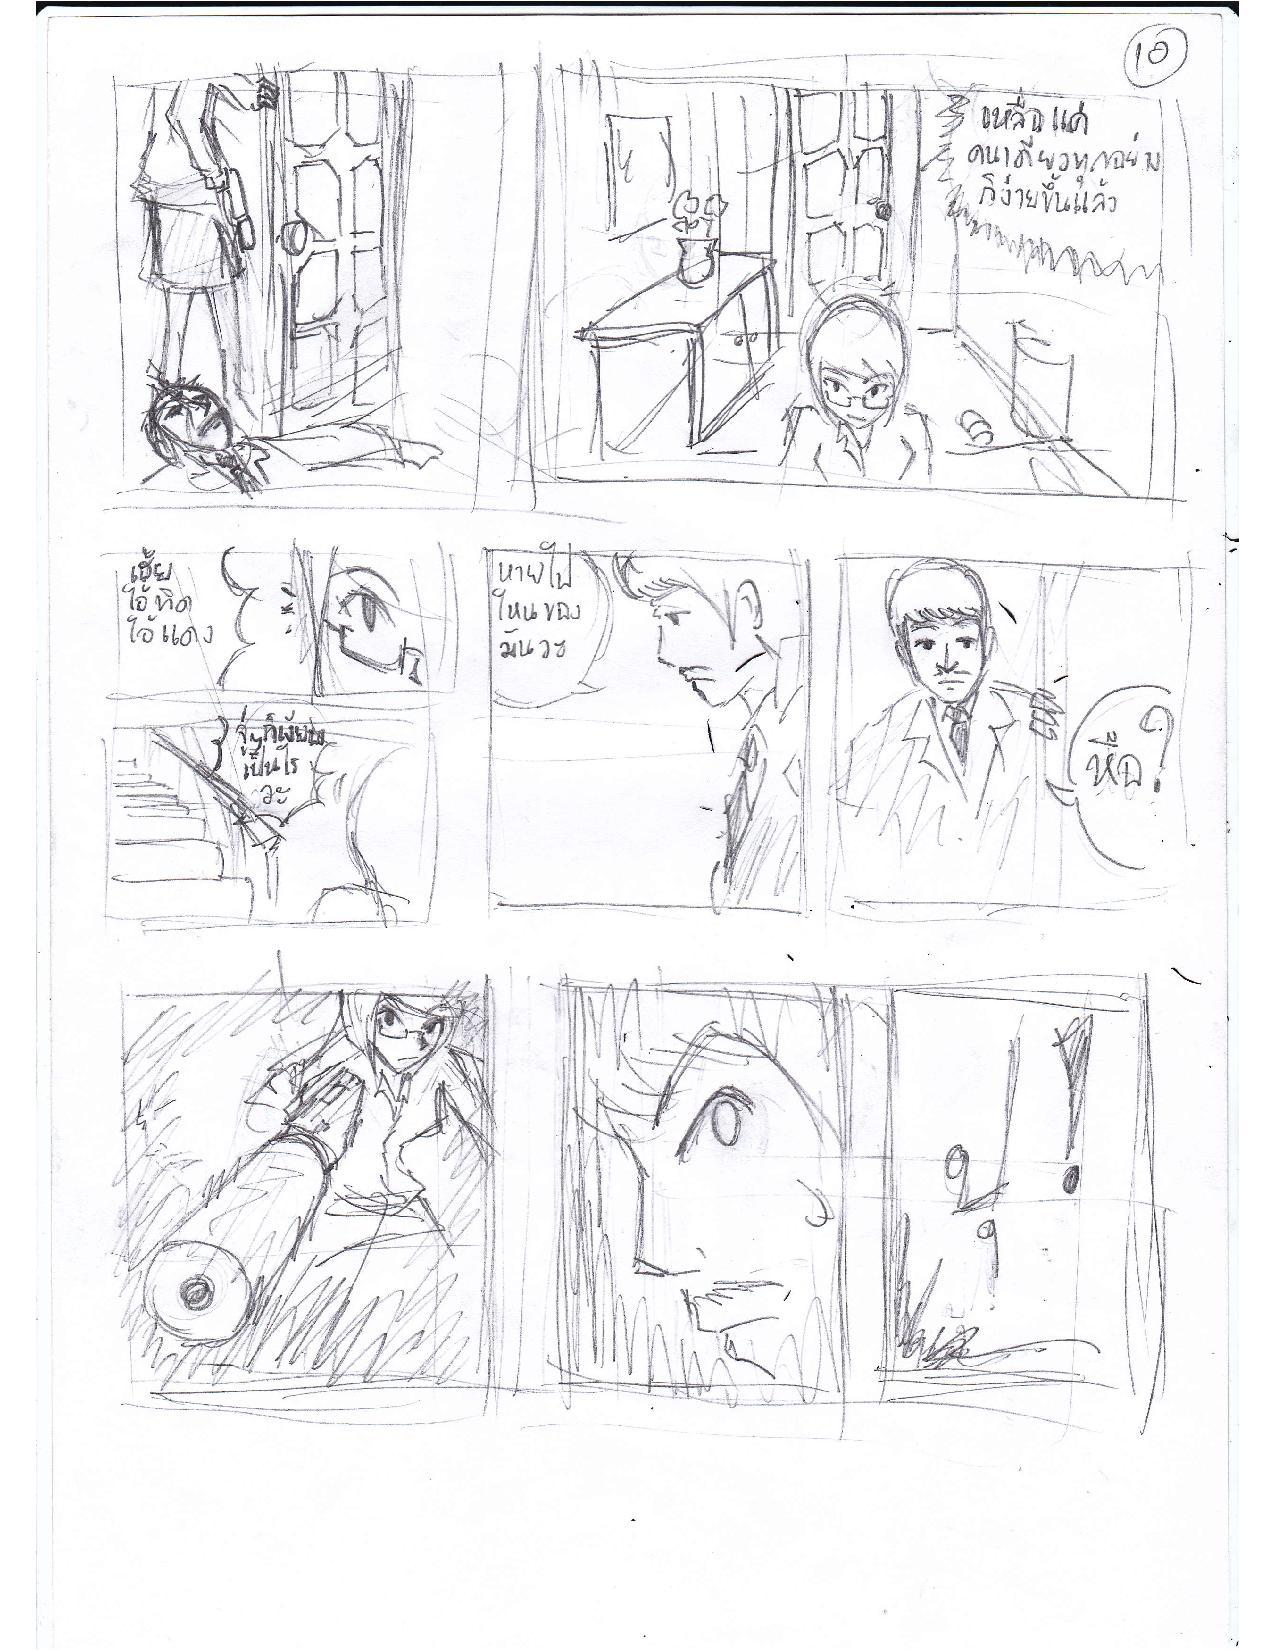 [Story Board-เรื่องสั้น] Beauty of Life(แก้งานครั้งที่ 1 ตอนที่ 1 T^T) Kh110